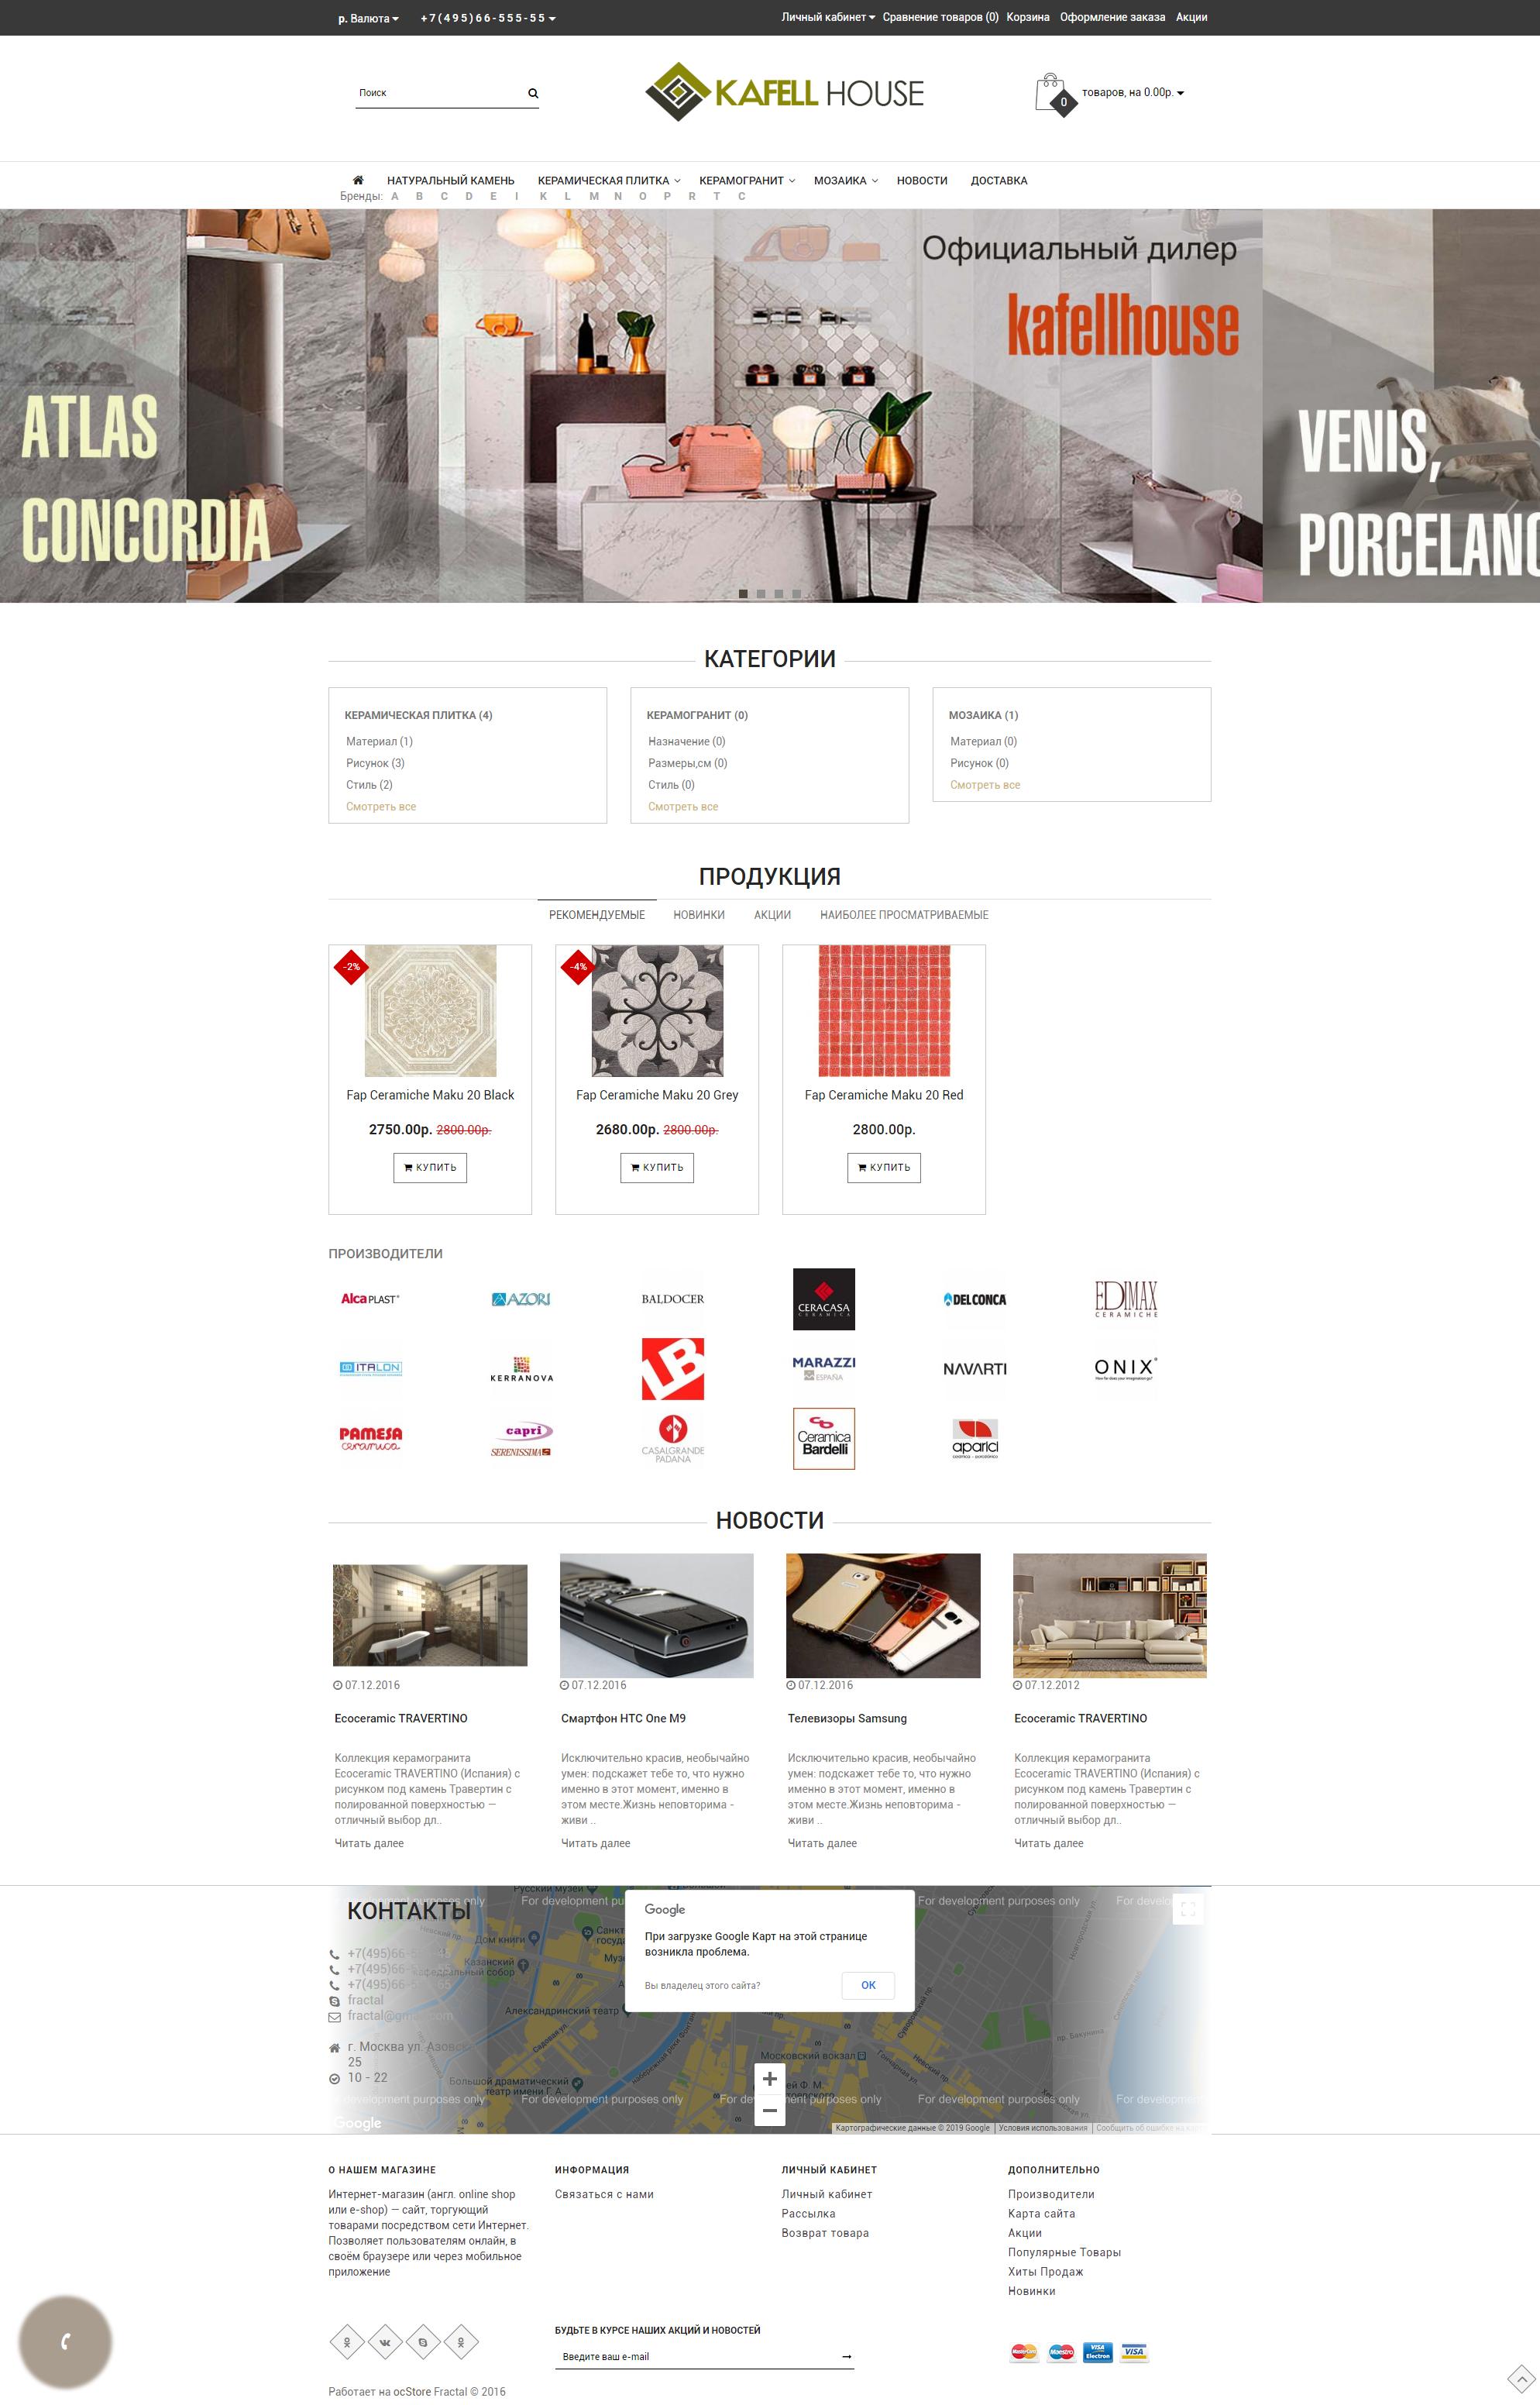 Кафельхауз - магазин керамической плитки